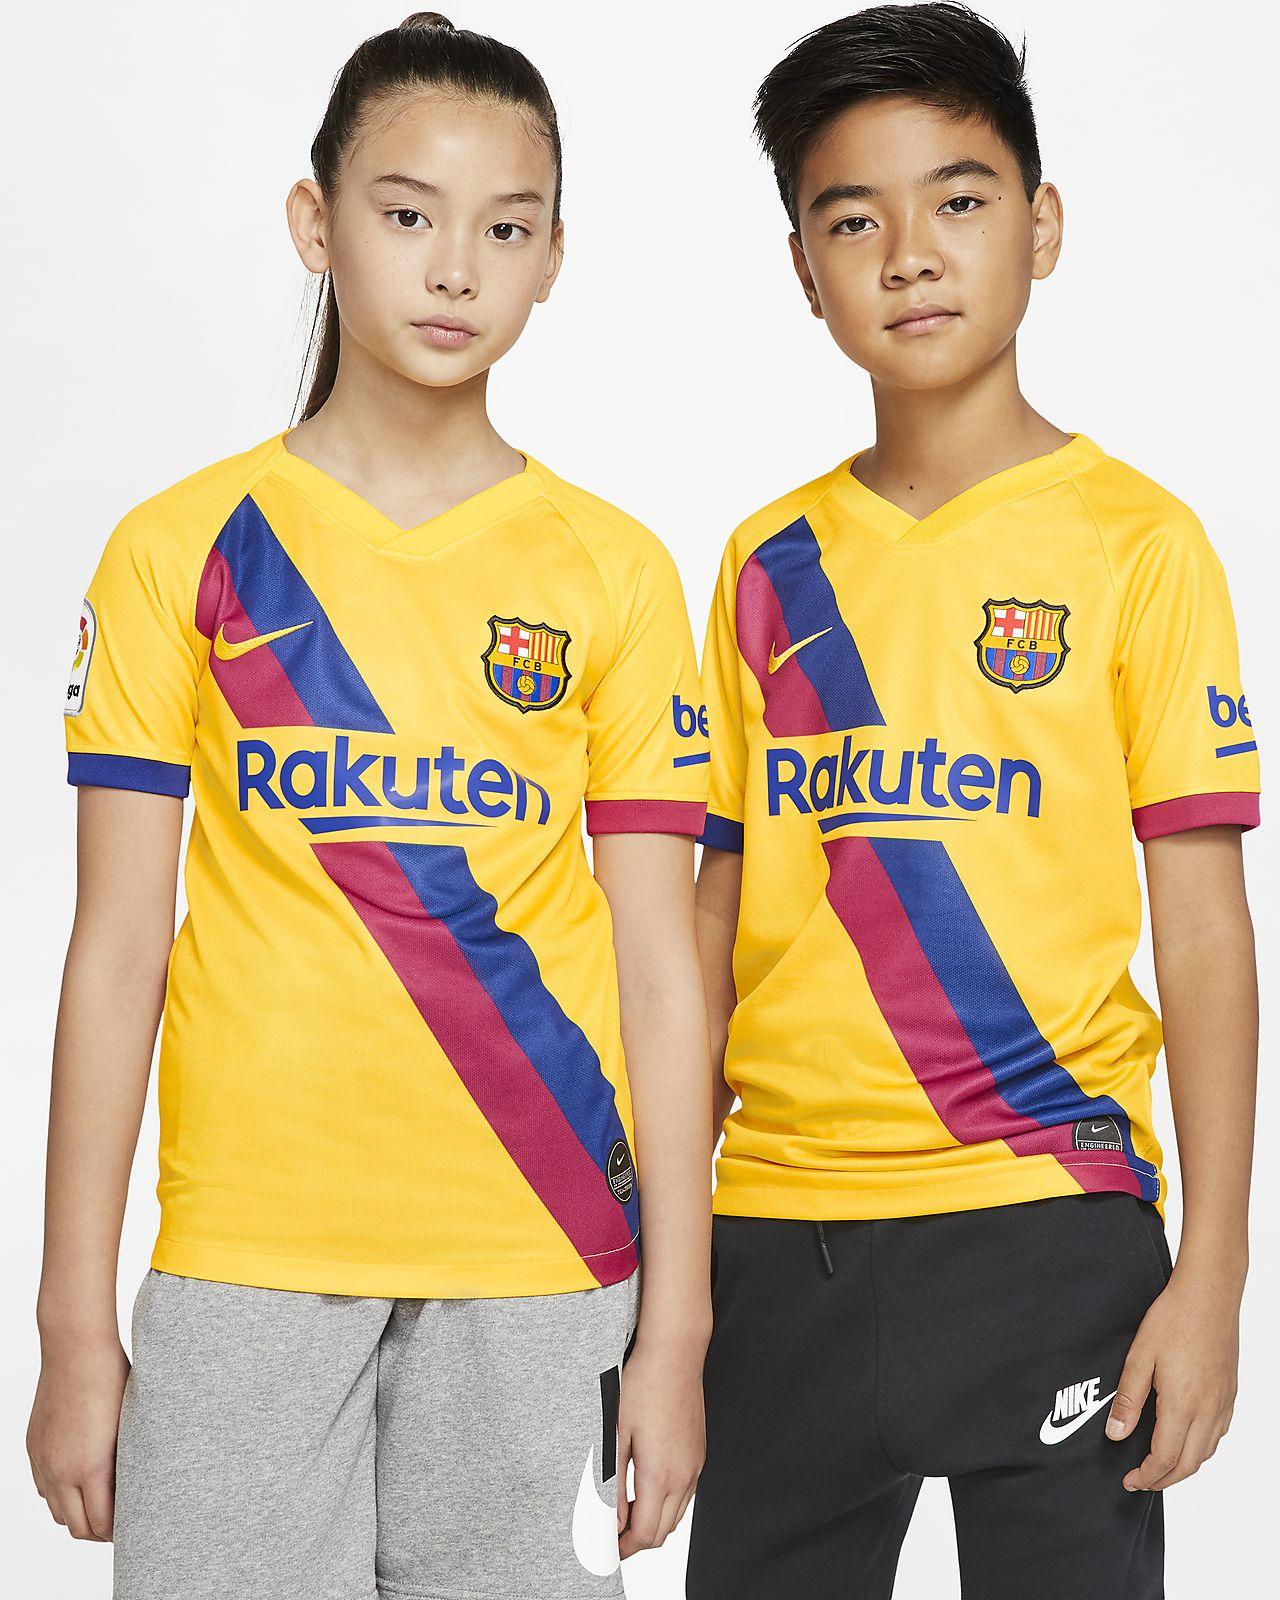 Camiseta de fútbol de visitante para niños talla grande Stadium del FC Barcelona 2019/20